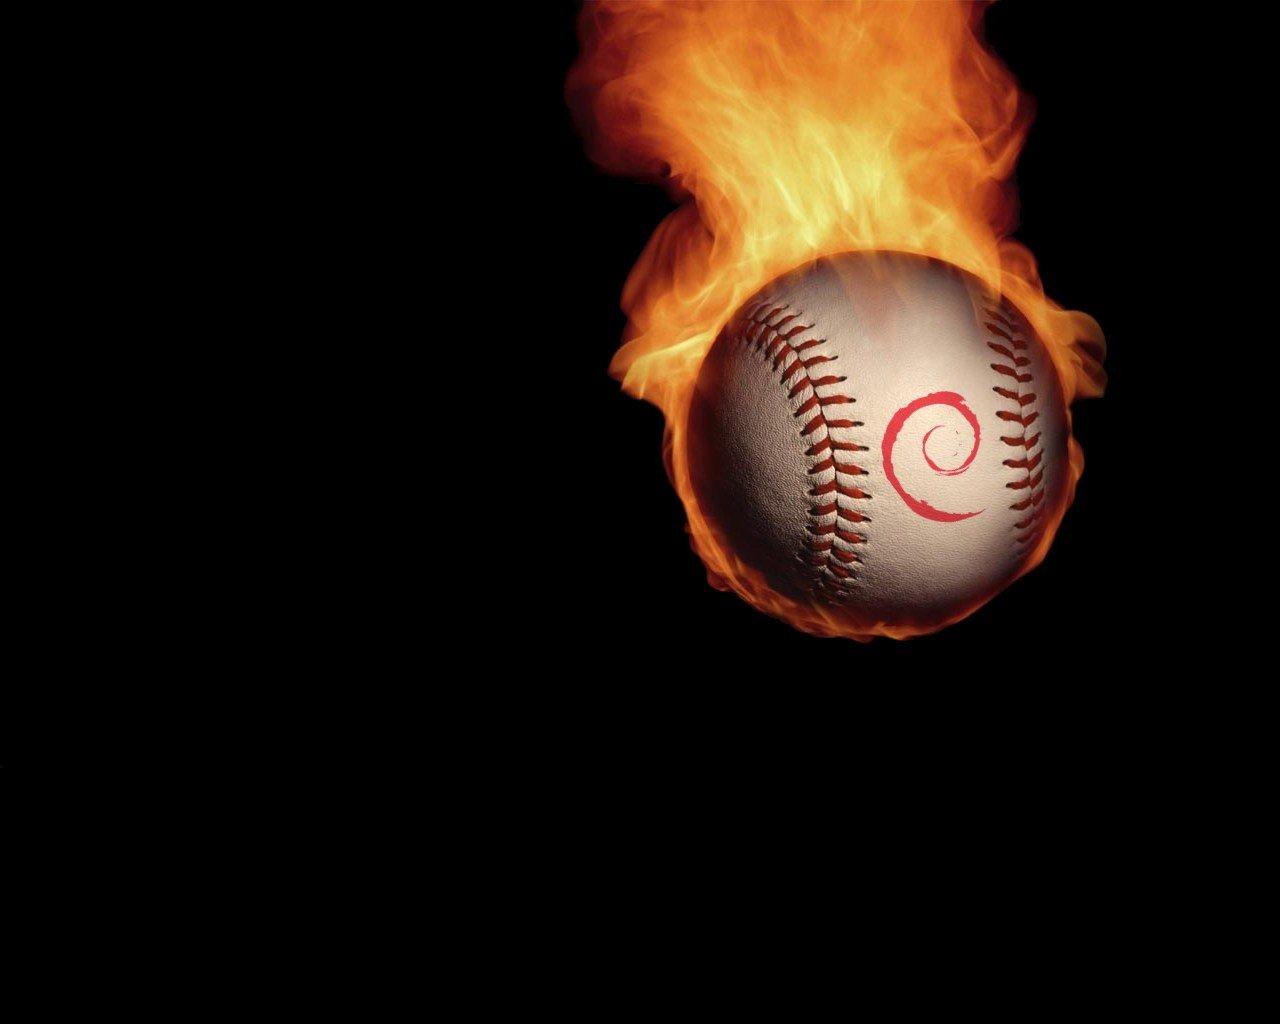 Огненный мяч  № 3150966 без смс